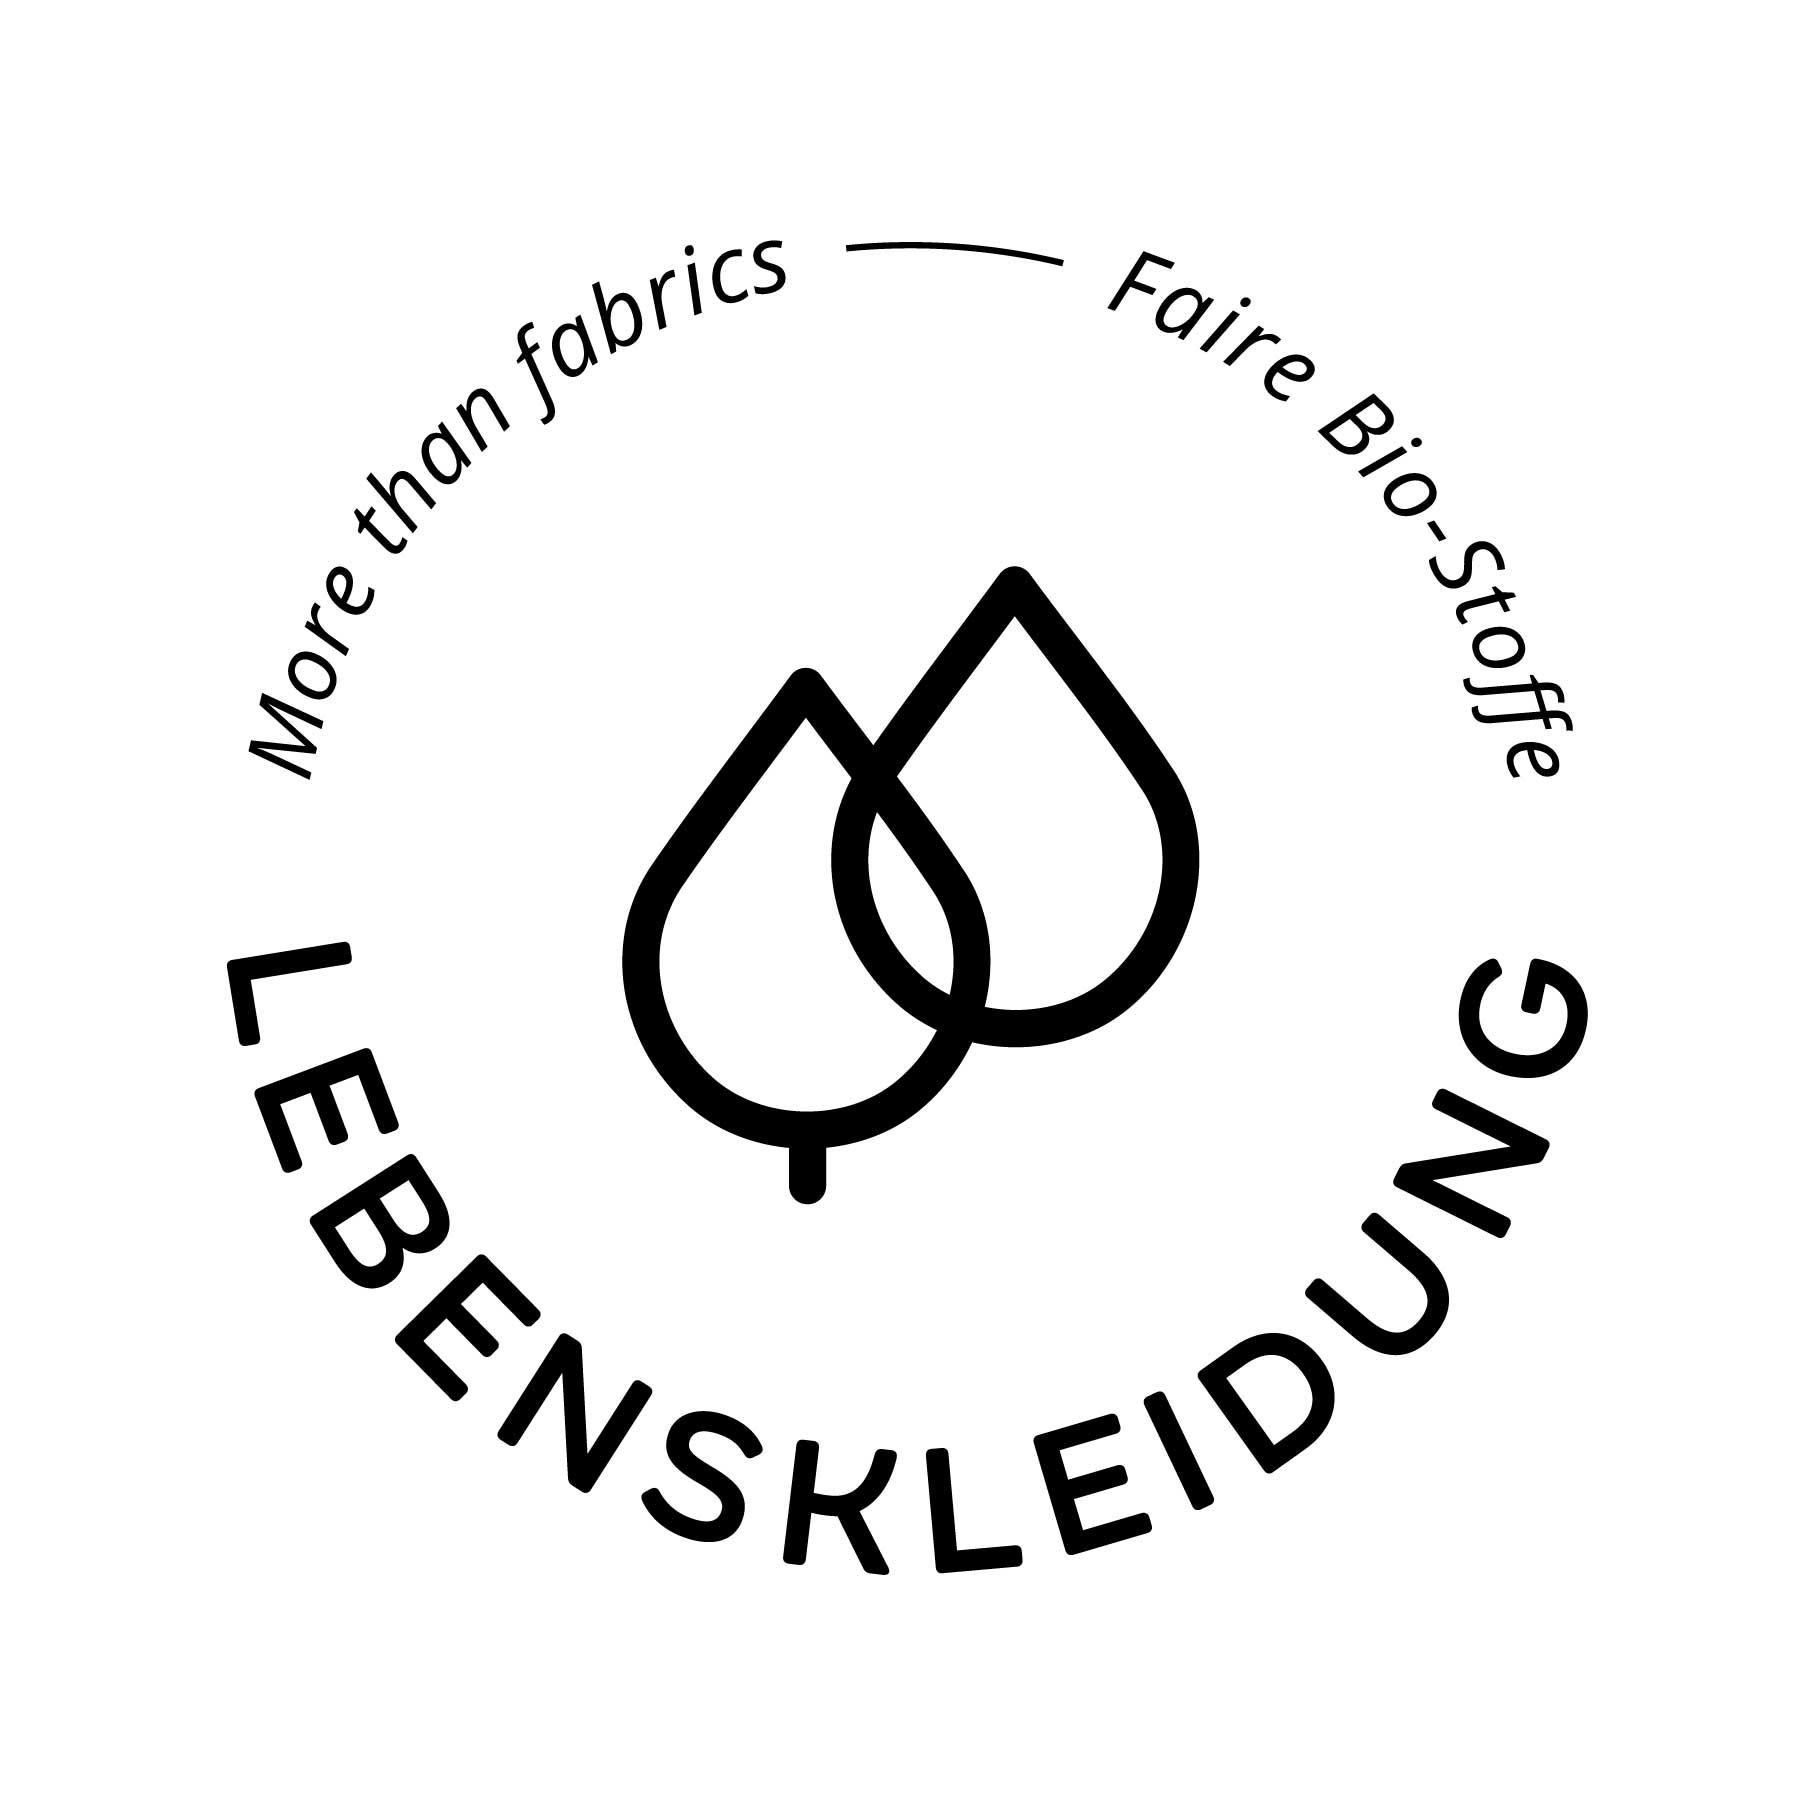 Organic RIB 2x1 (Cuff fabric) - Navy